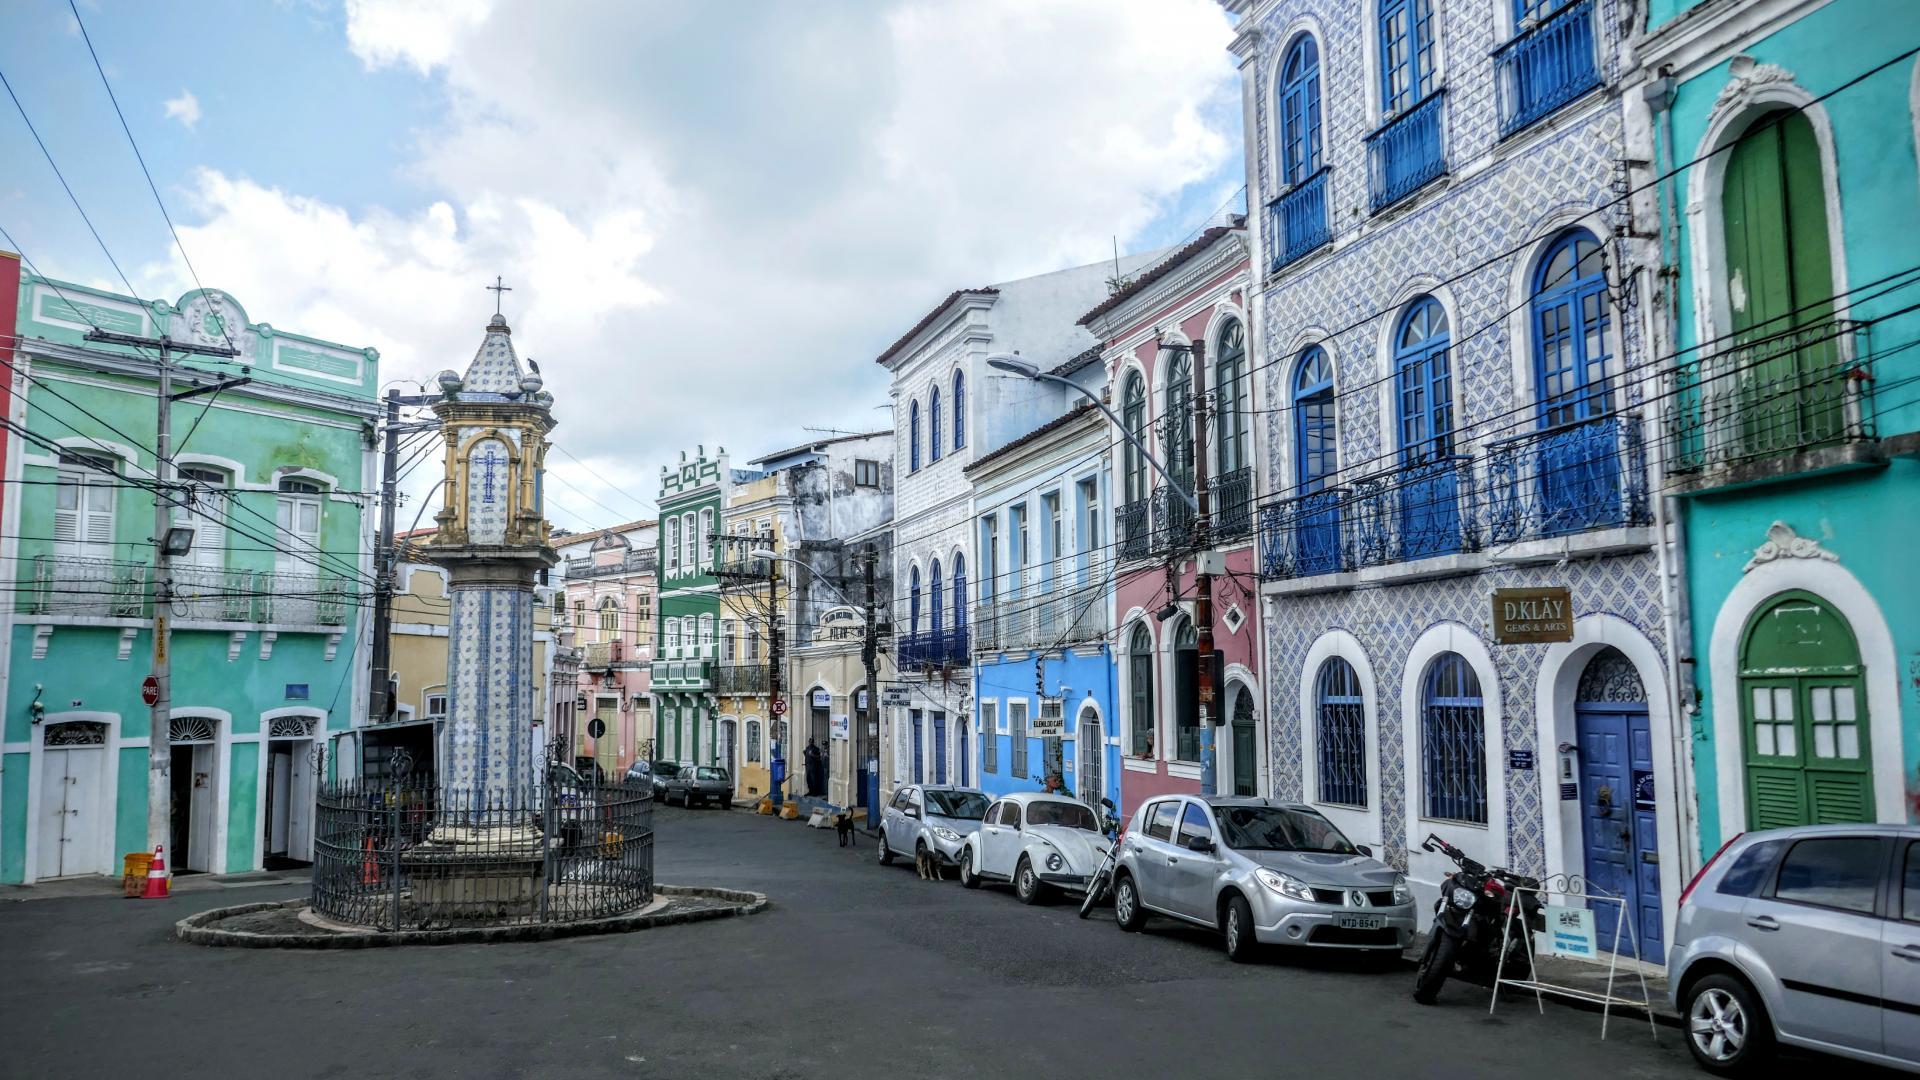 Tagestour Salvador City-Tour + Walking-Tour (7-8h, privat): Häuser im Pelourinho